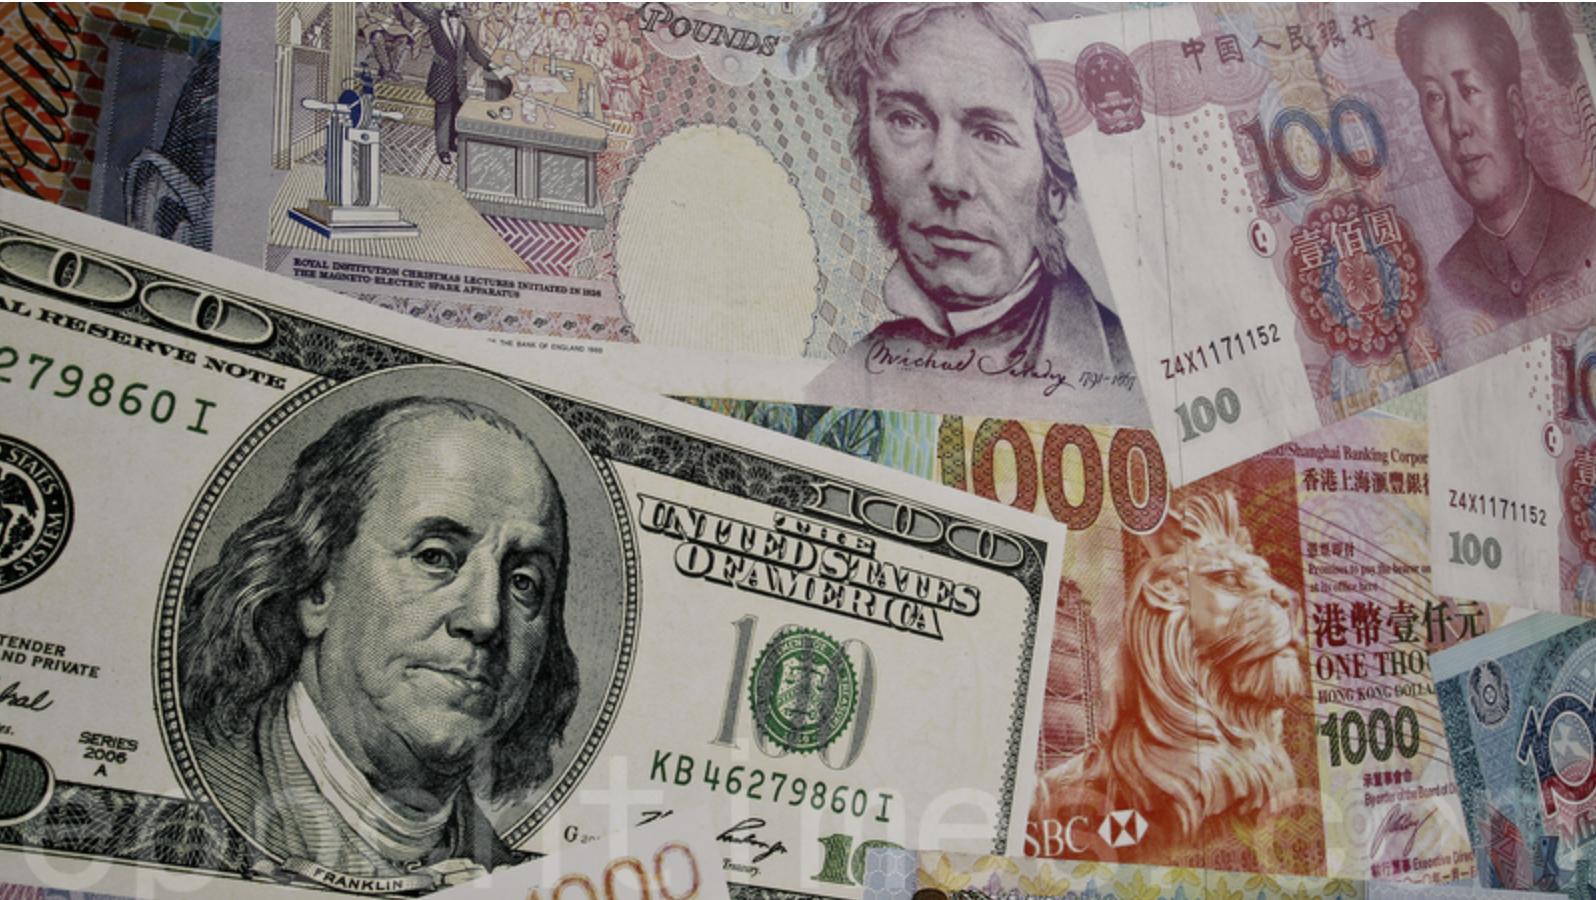 因應香港的局勢,金融界人士建議多持美金少持港幣。(大紀元資料庫)